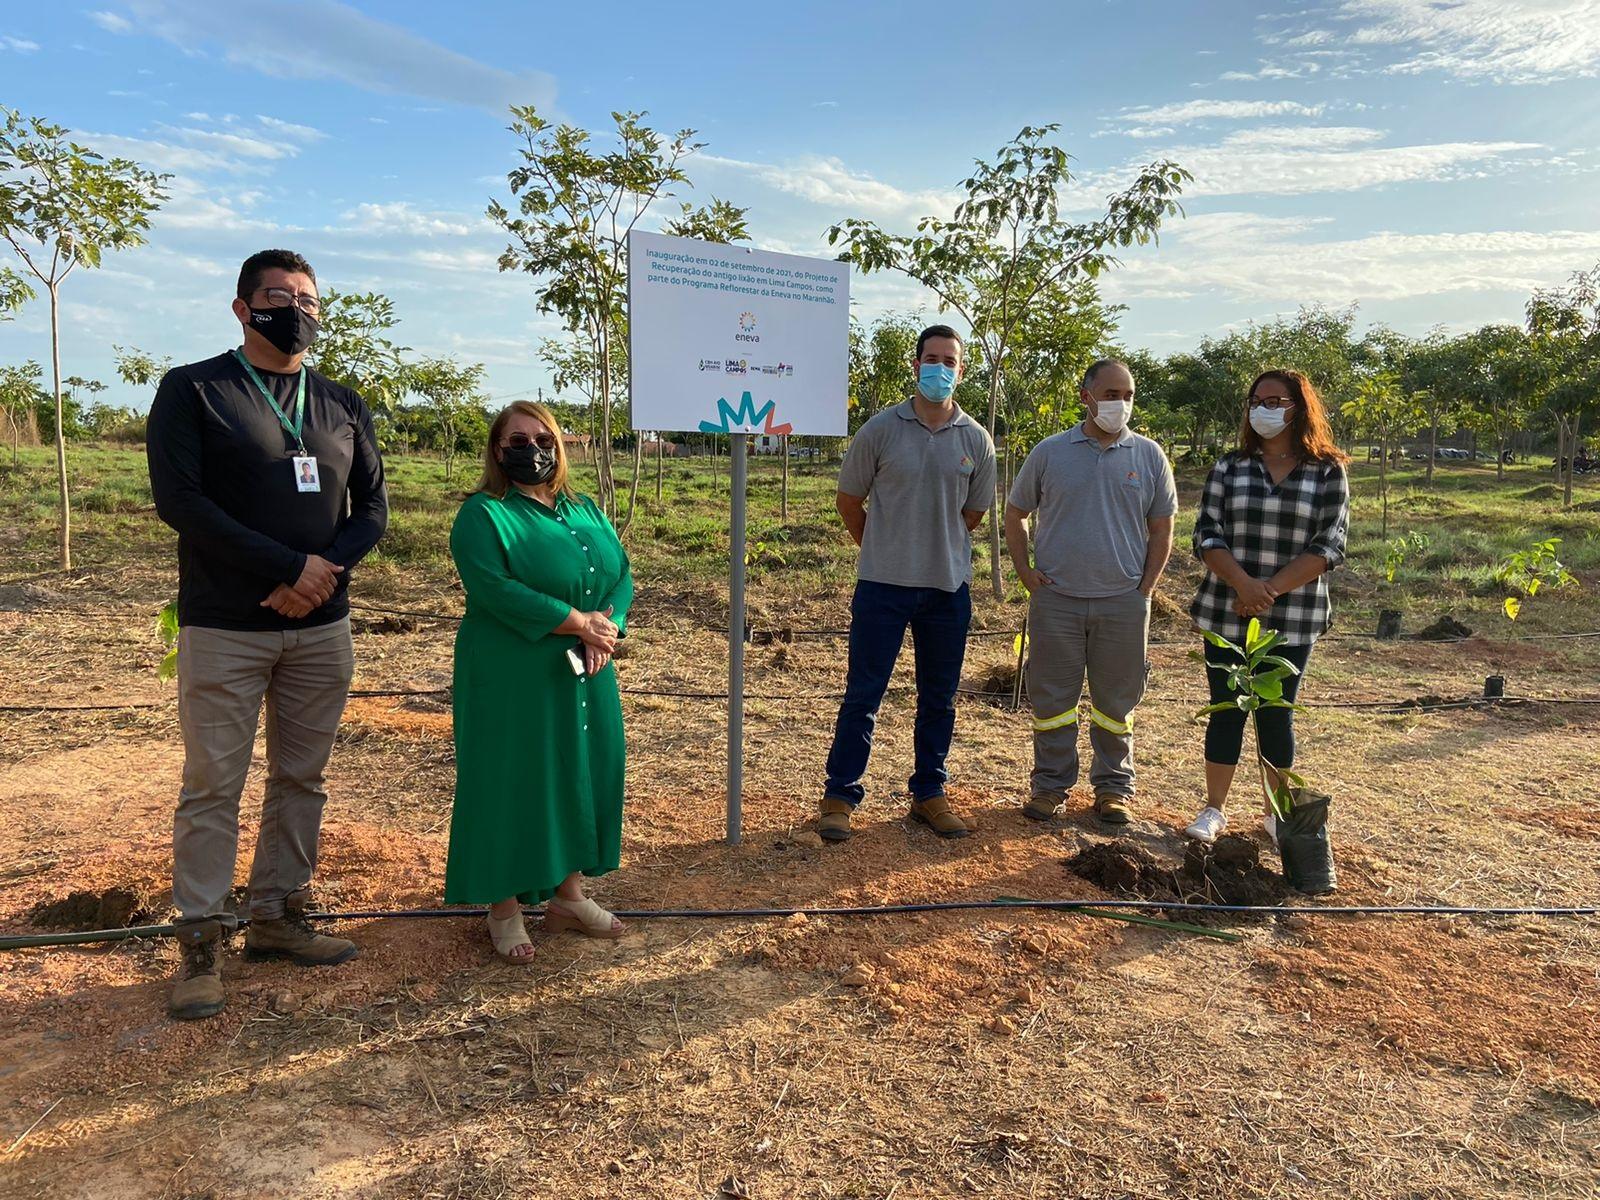 Lançamento do Programa Maranhão Contra o Fogo e do Programa Reflorestar, em Lima Campos (Foto: Kleo Souza)